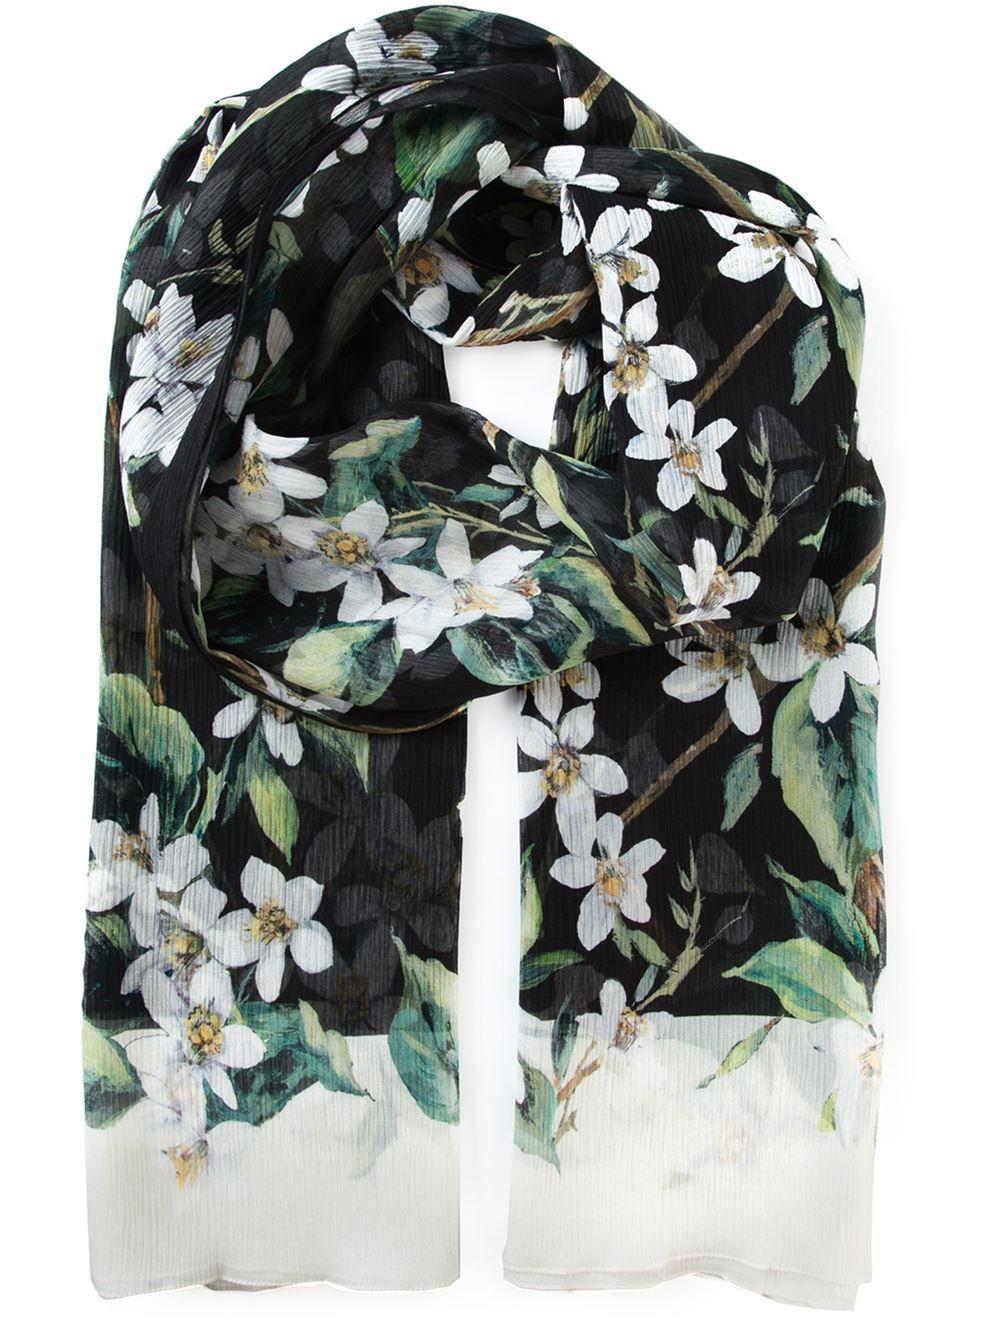 http://www.farfetch.com/de/shopping/women/dolce-gabbana-seidenschal-mit-orangenblten-print-item-10941866.aspx?storeid=9709